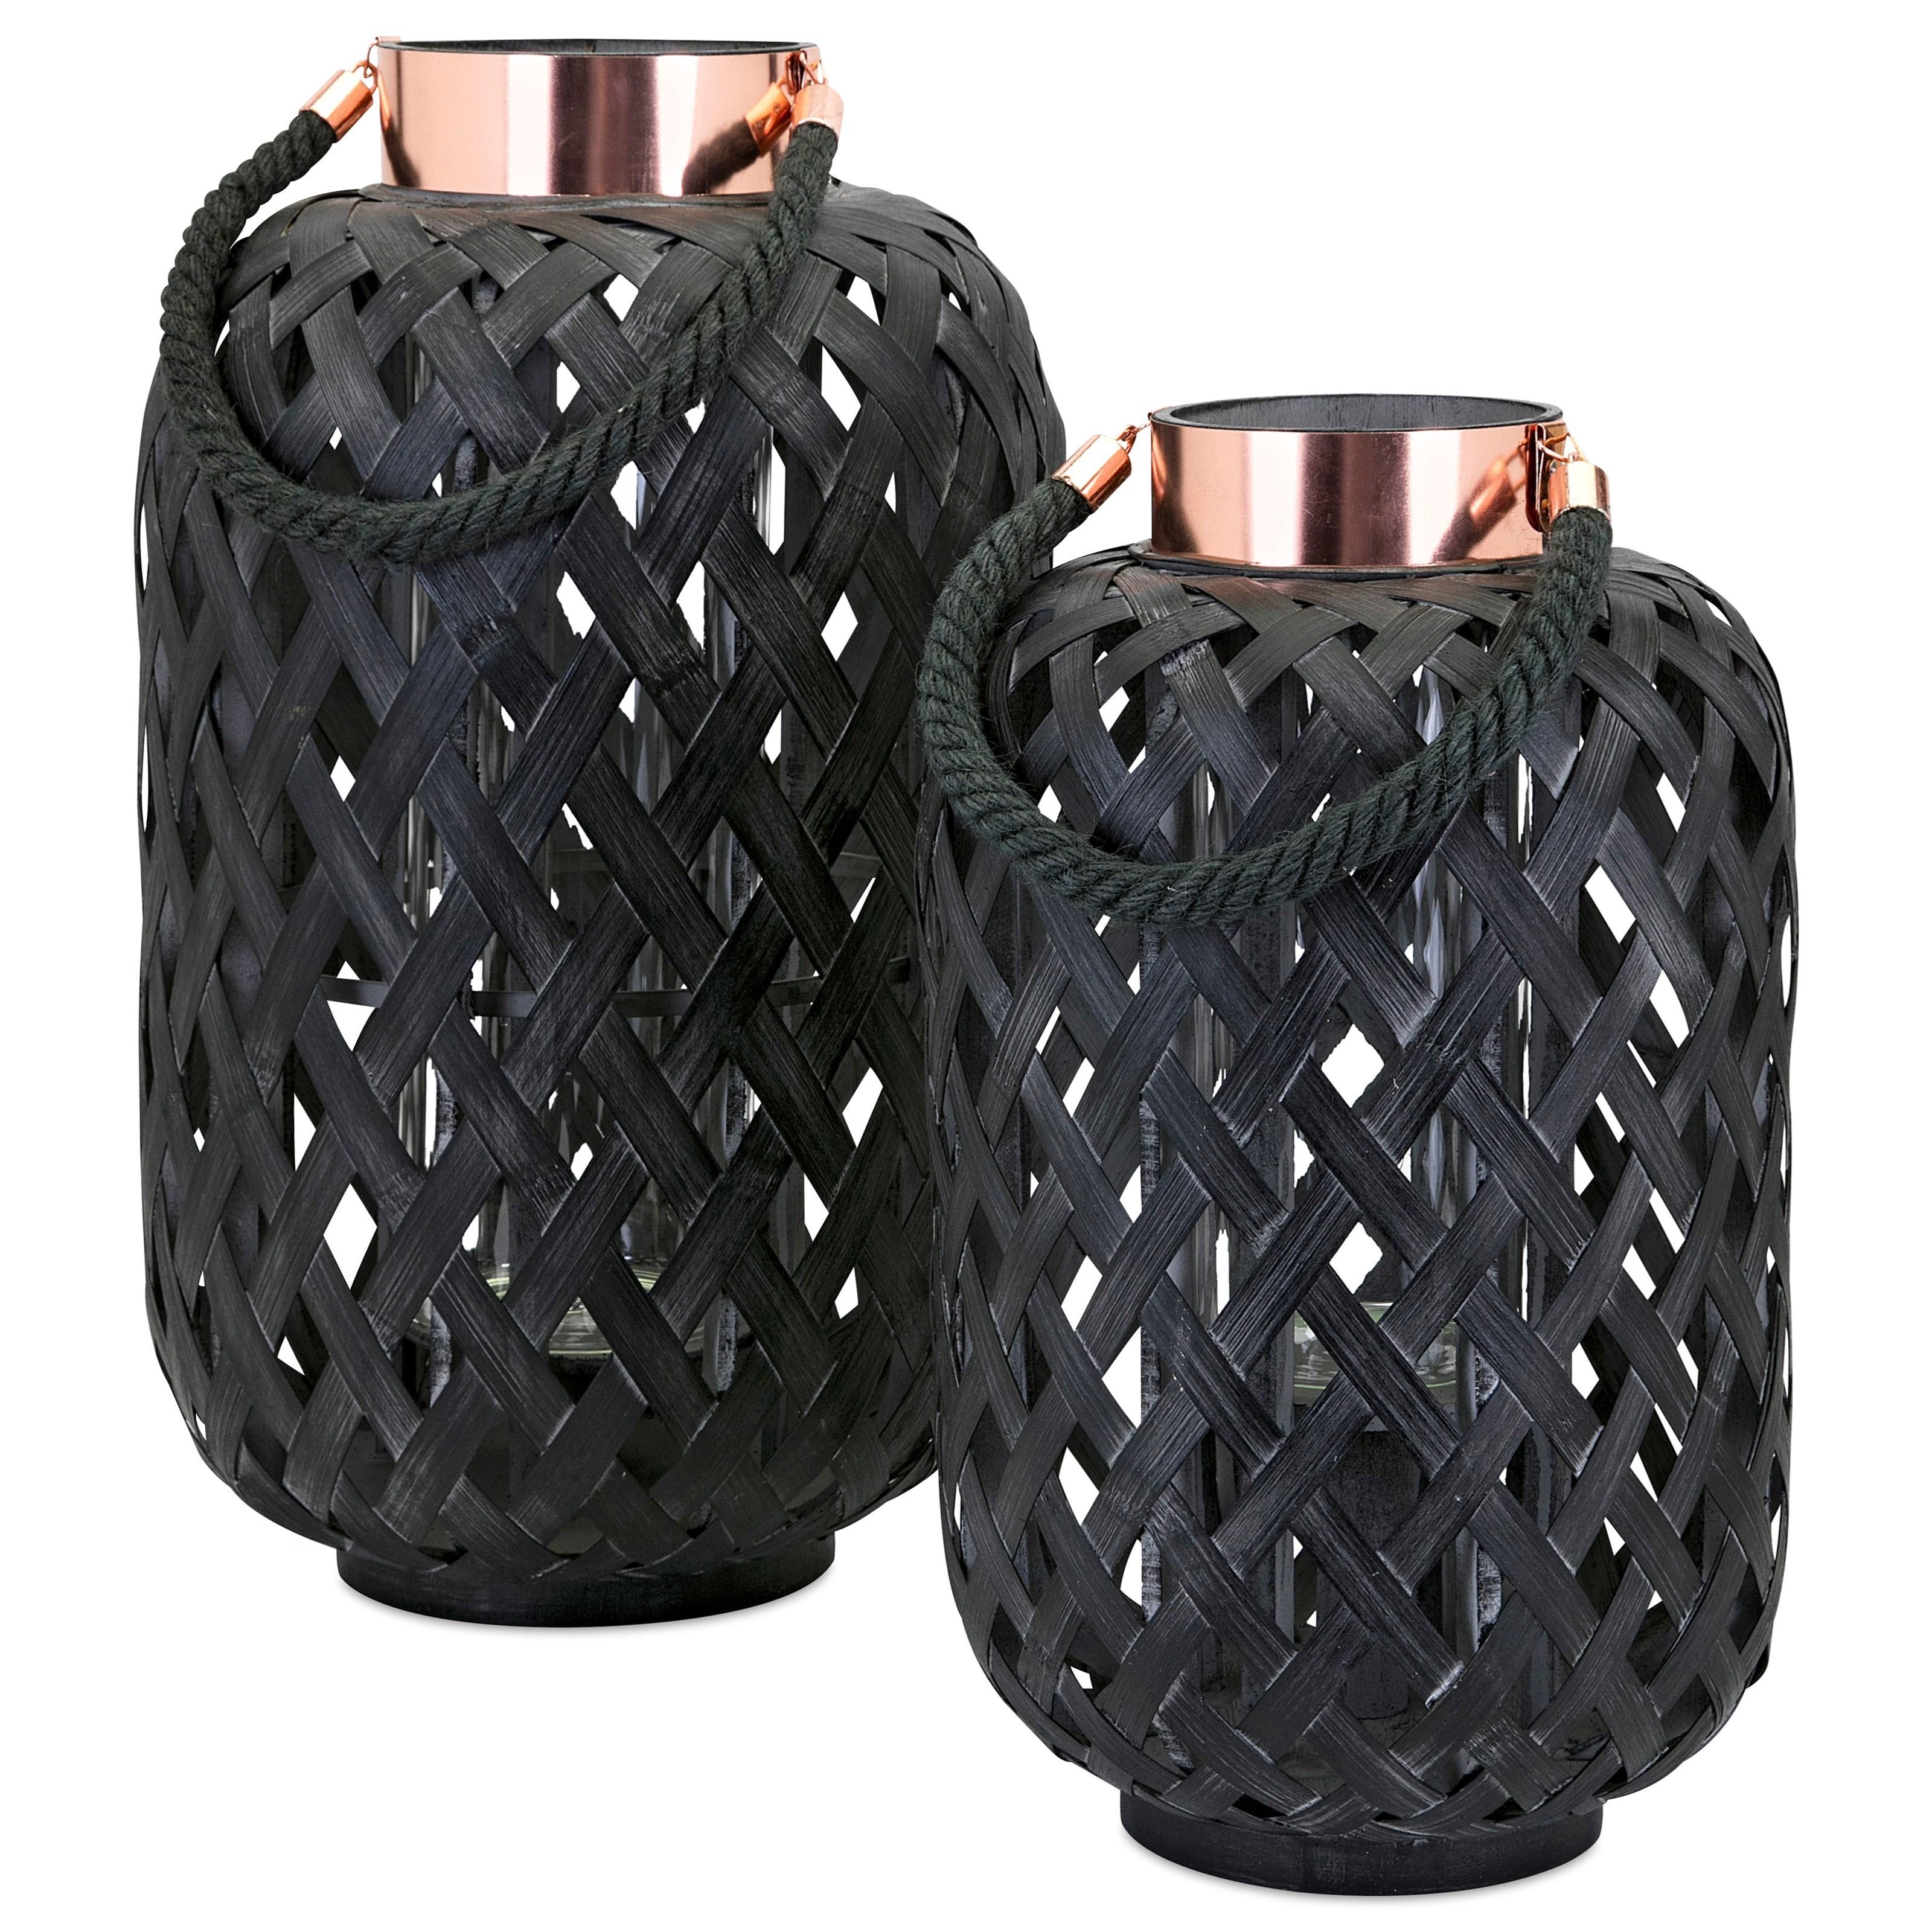 Anja Large Bamboo Lantern